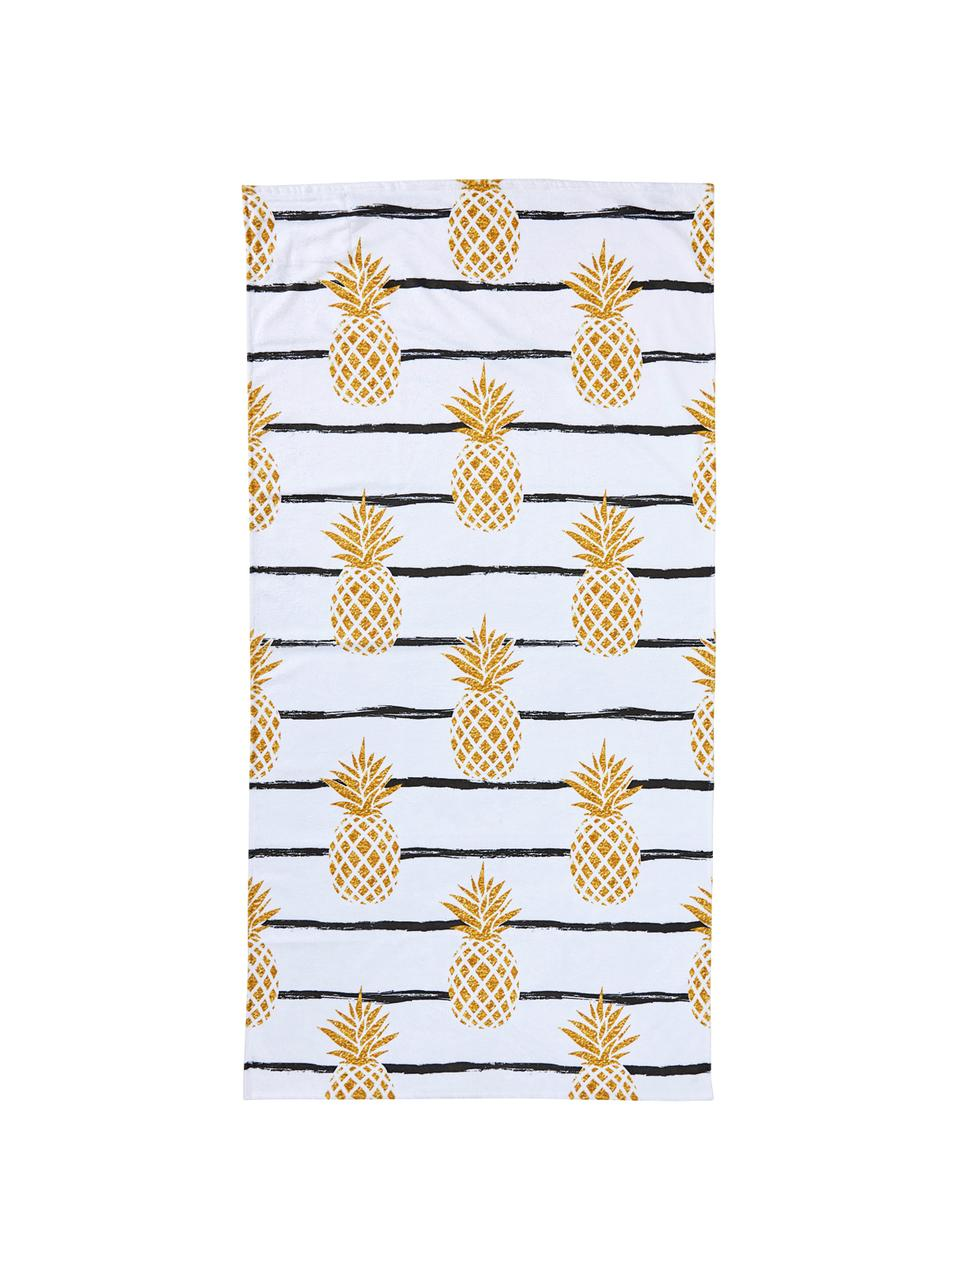 Ręcznik plażowy Case Pineapples, Biały, żółty, czarny, S 90 x D 180 cm